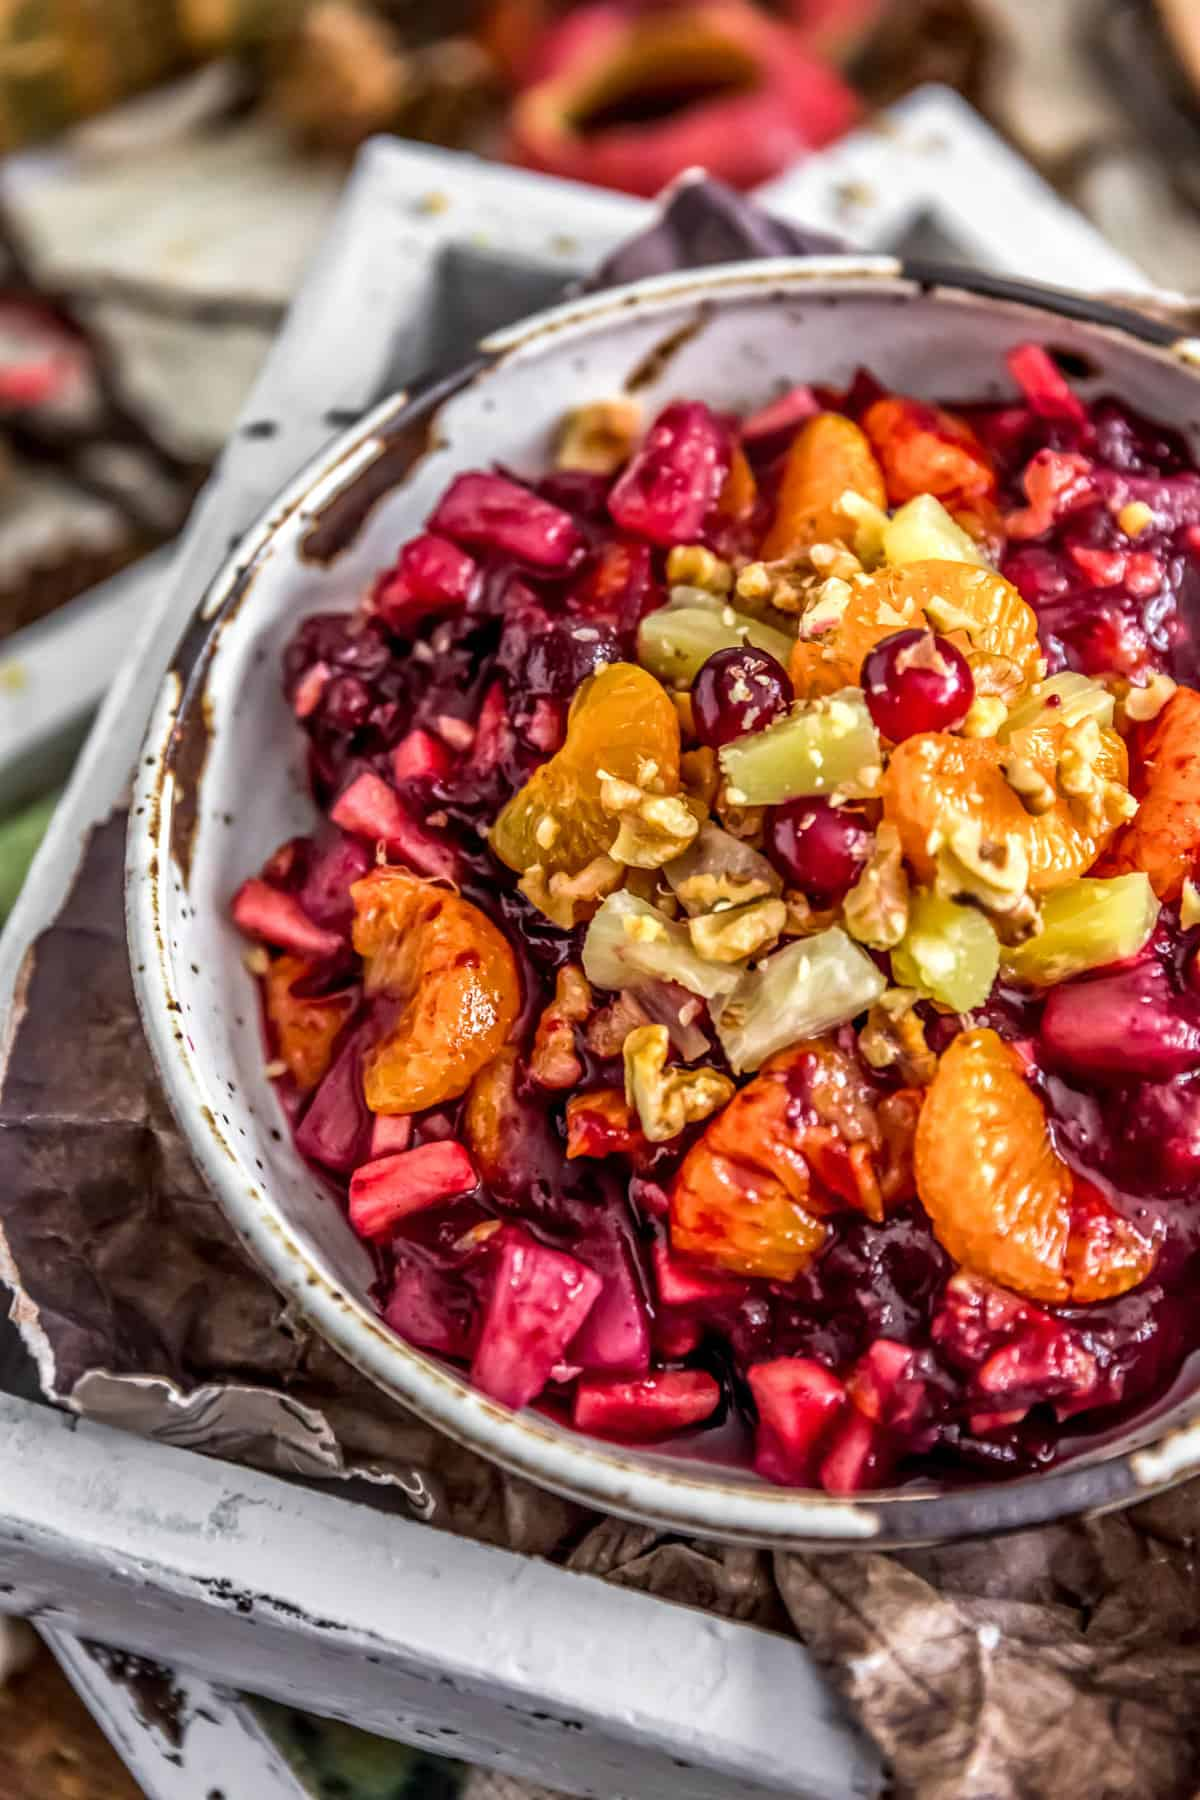 Close up of Cranberry Fruit Salad